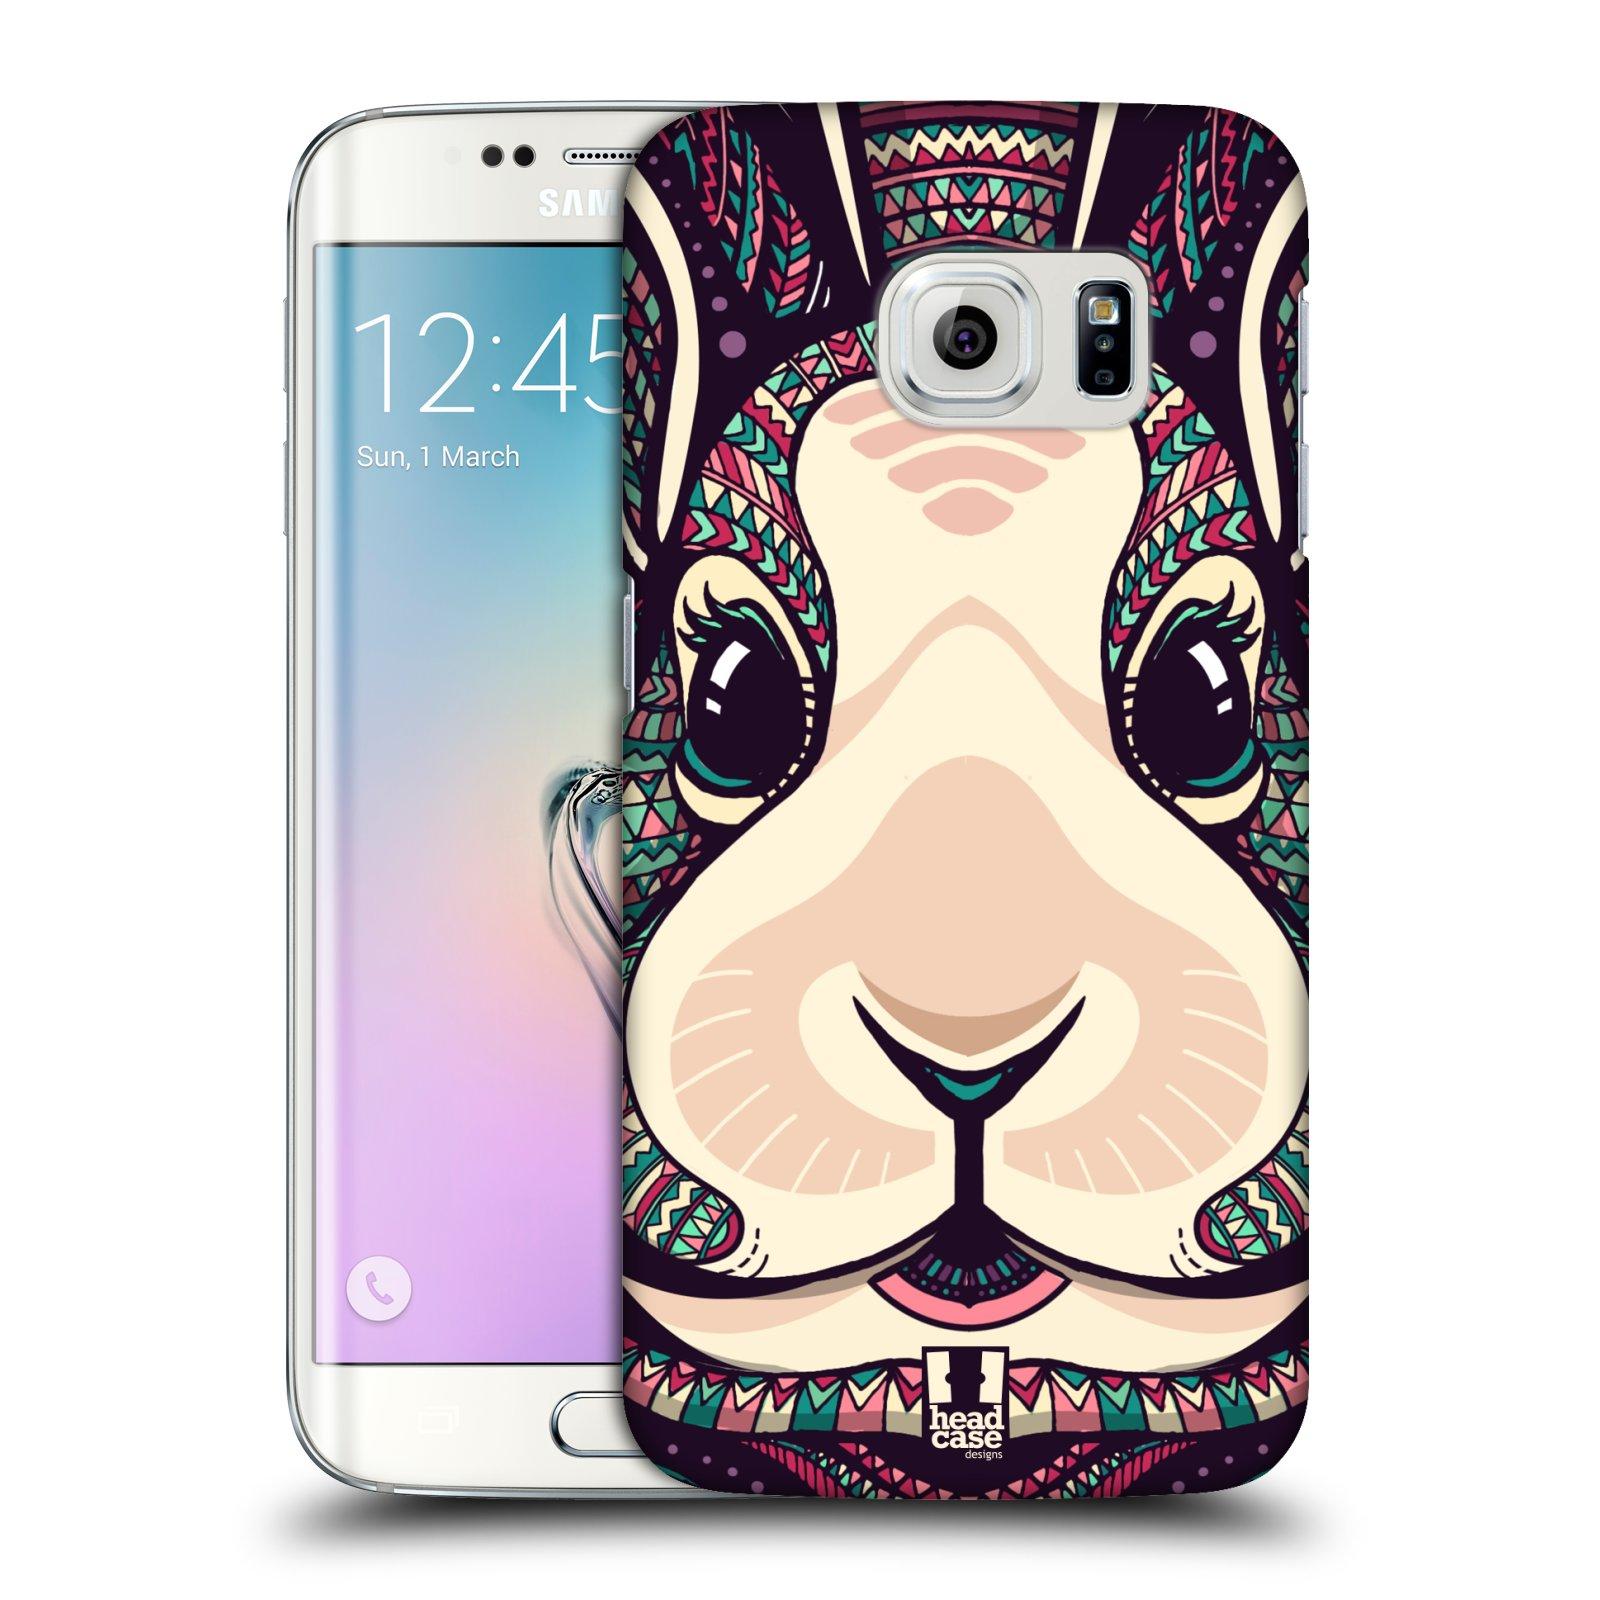 Plastové pouzdro na mobil Samsung Galaxy S6 Edge HEAD CASE AZTEC ZAJÍČEK (Kryt či obal na mobilní telefon Samsung Galaxy S6 Edge SM-G925F)